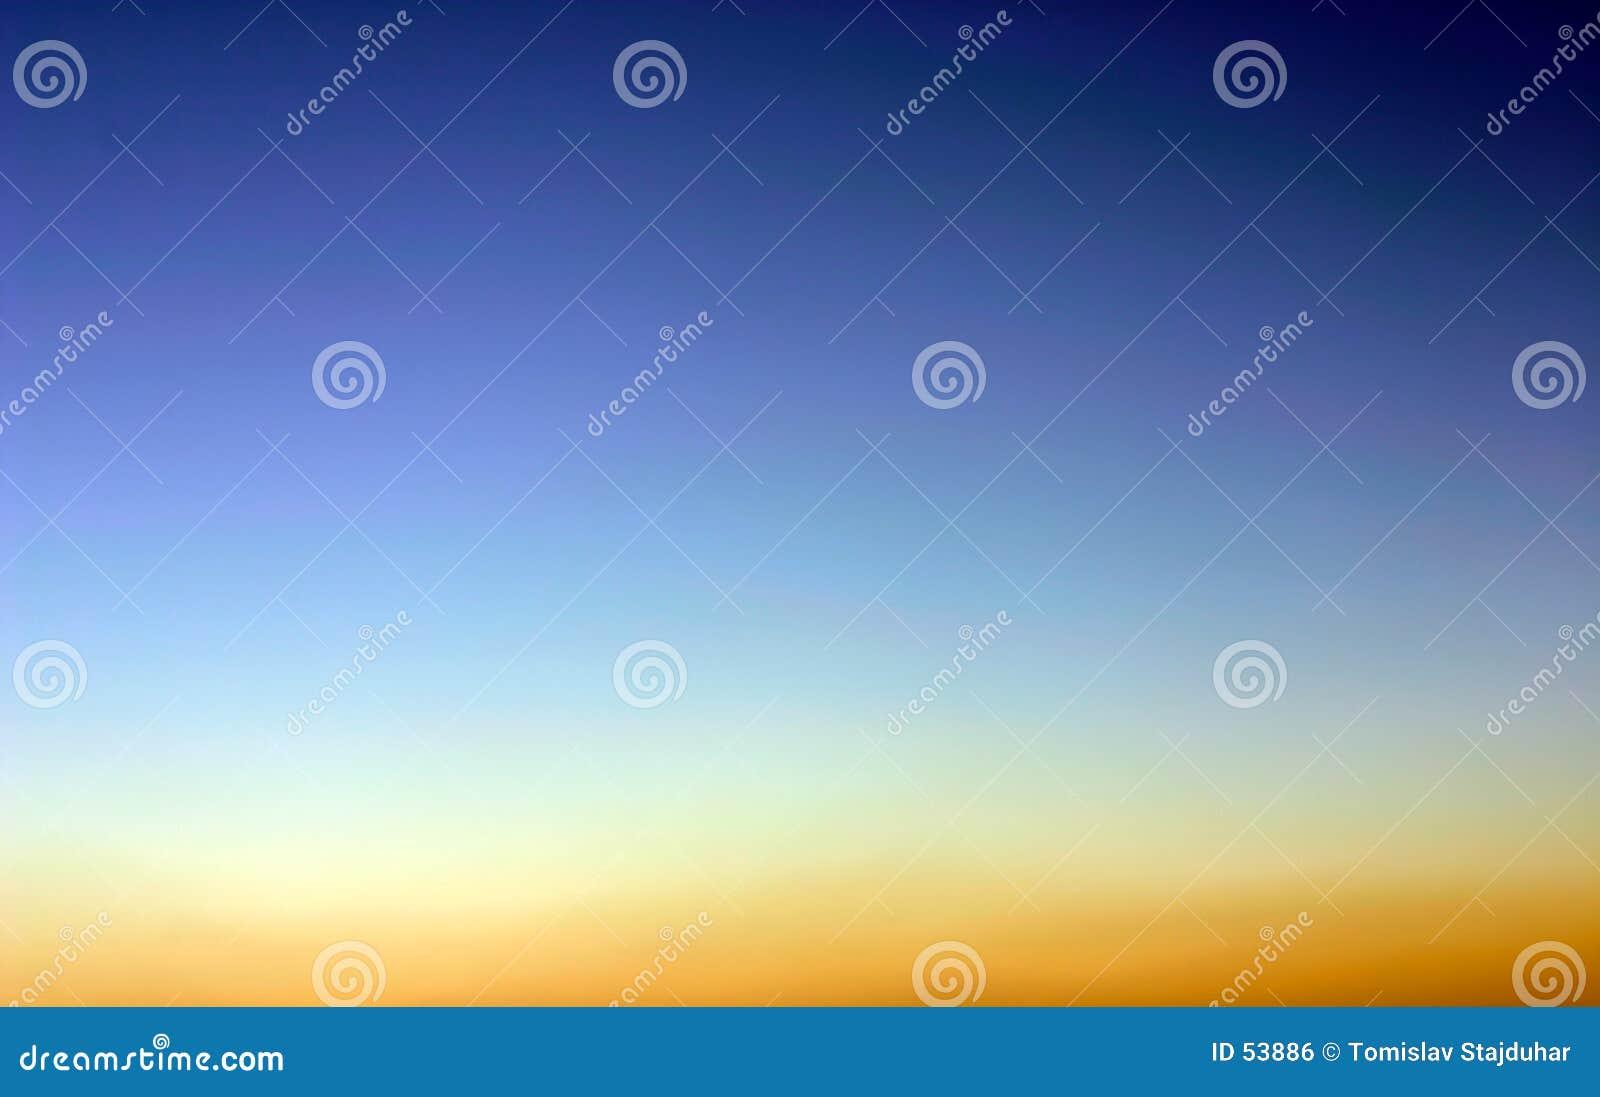 De hemel van de avond